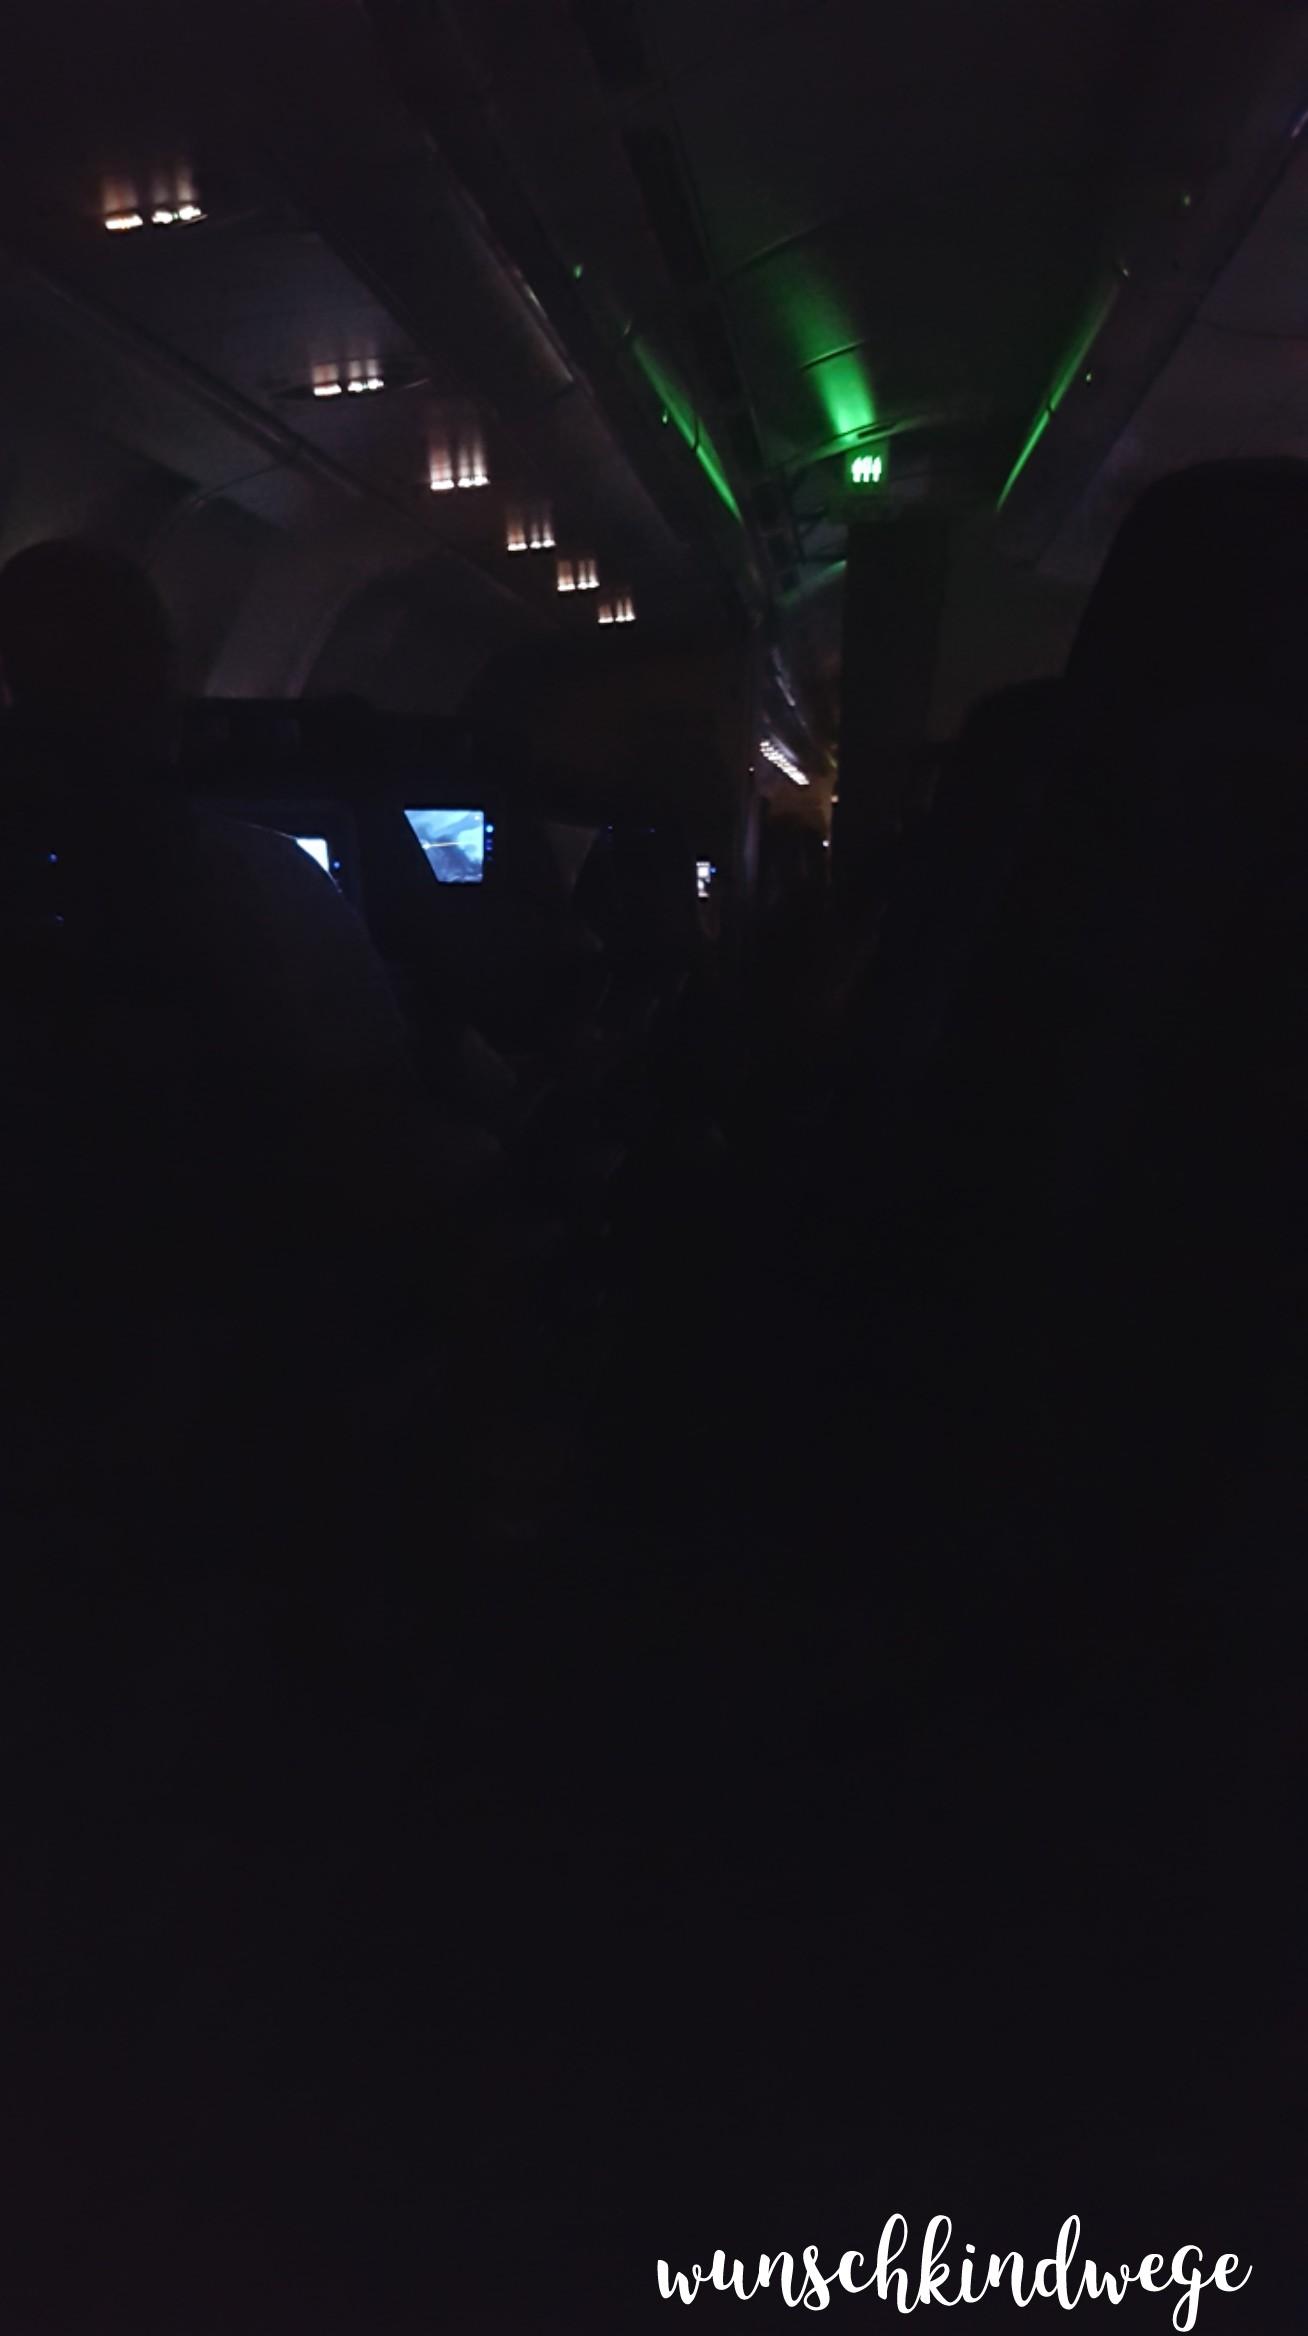 Flugzeugkabine Nacht dunkel Florida Rückflug